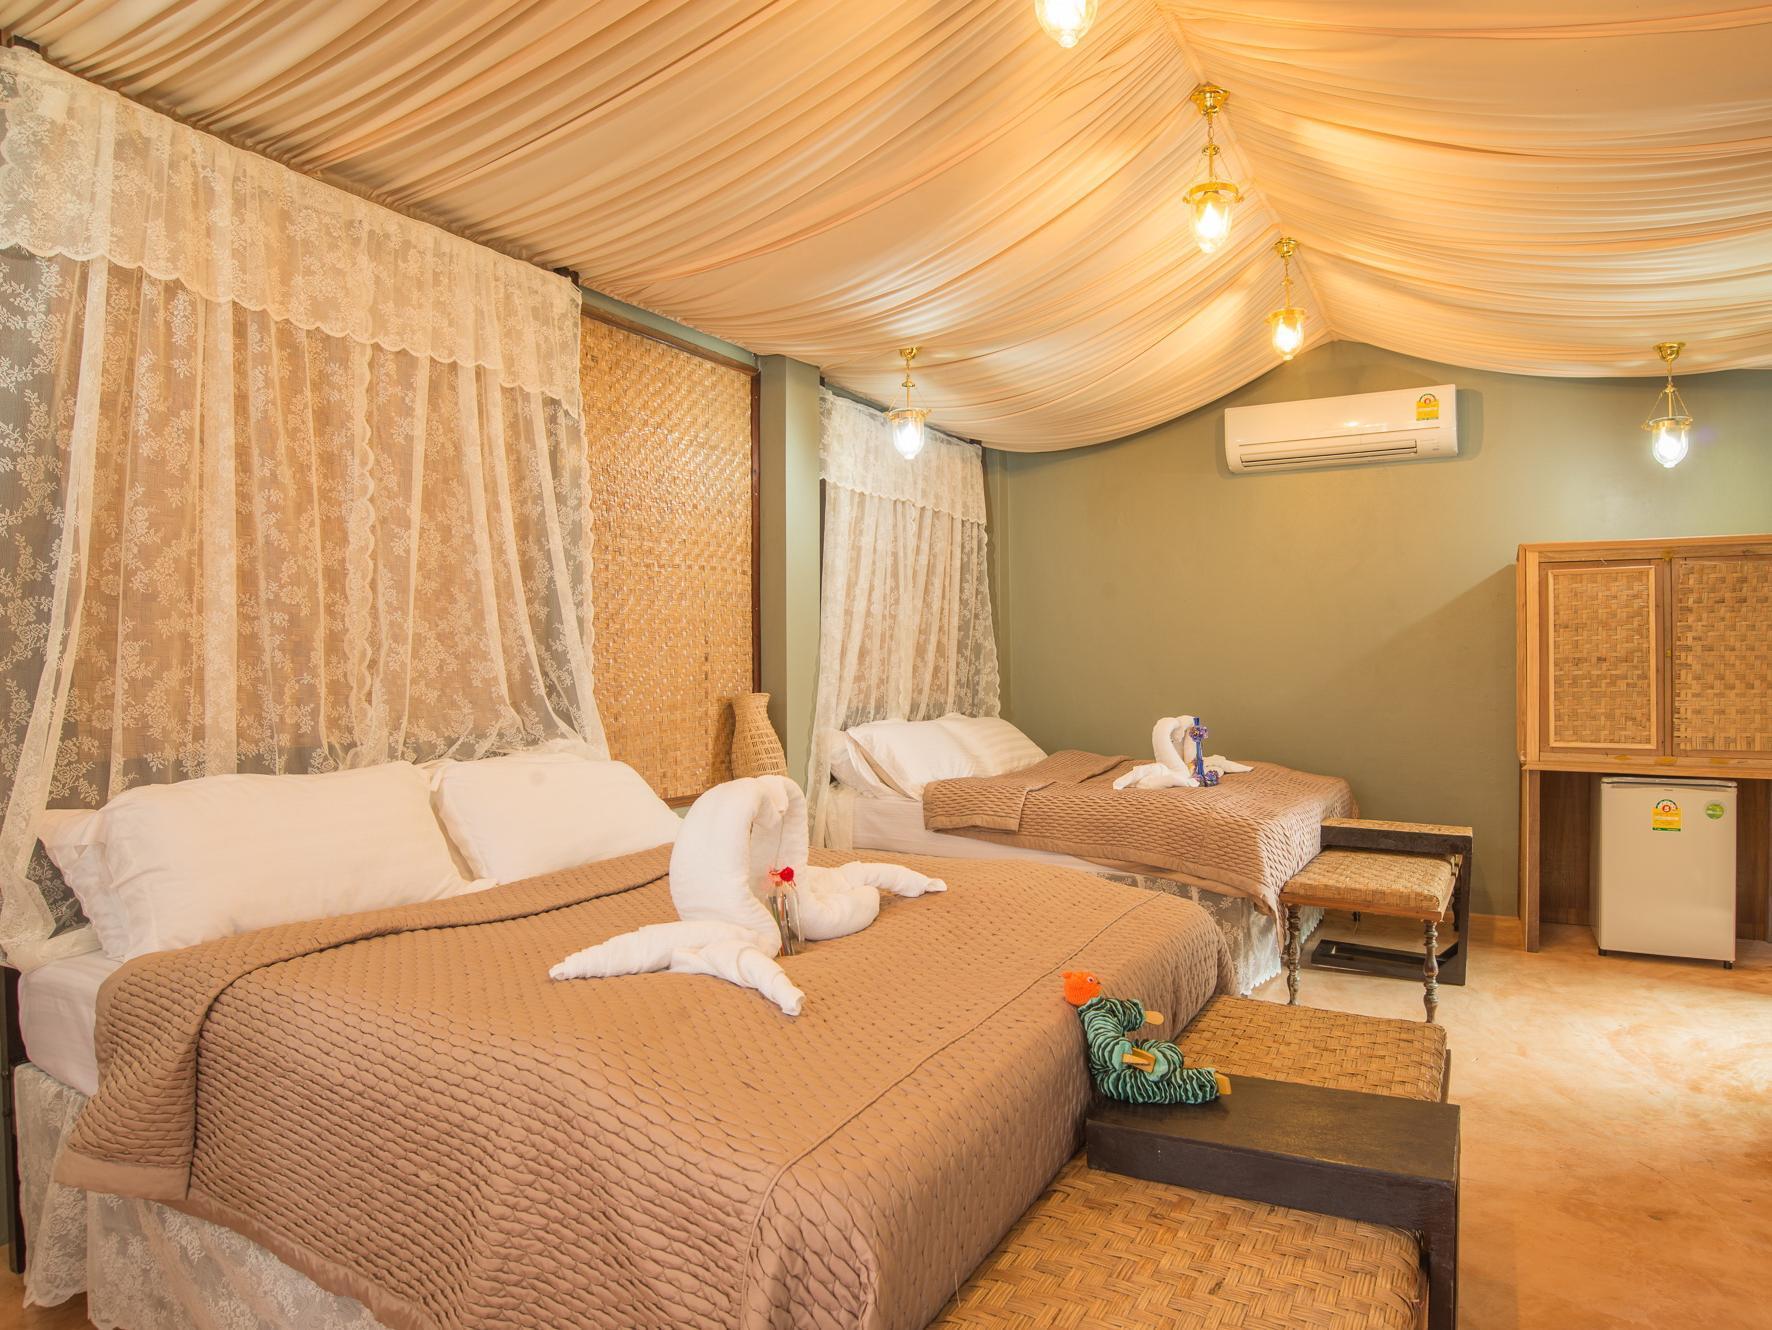 Pai Nai Fun Hotel